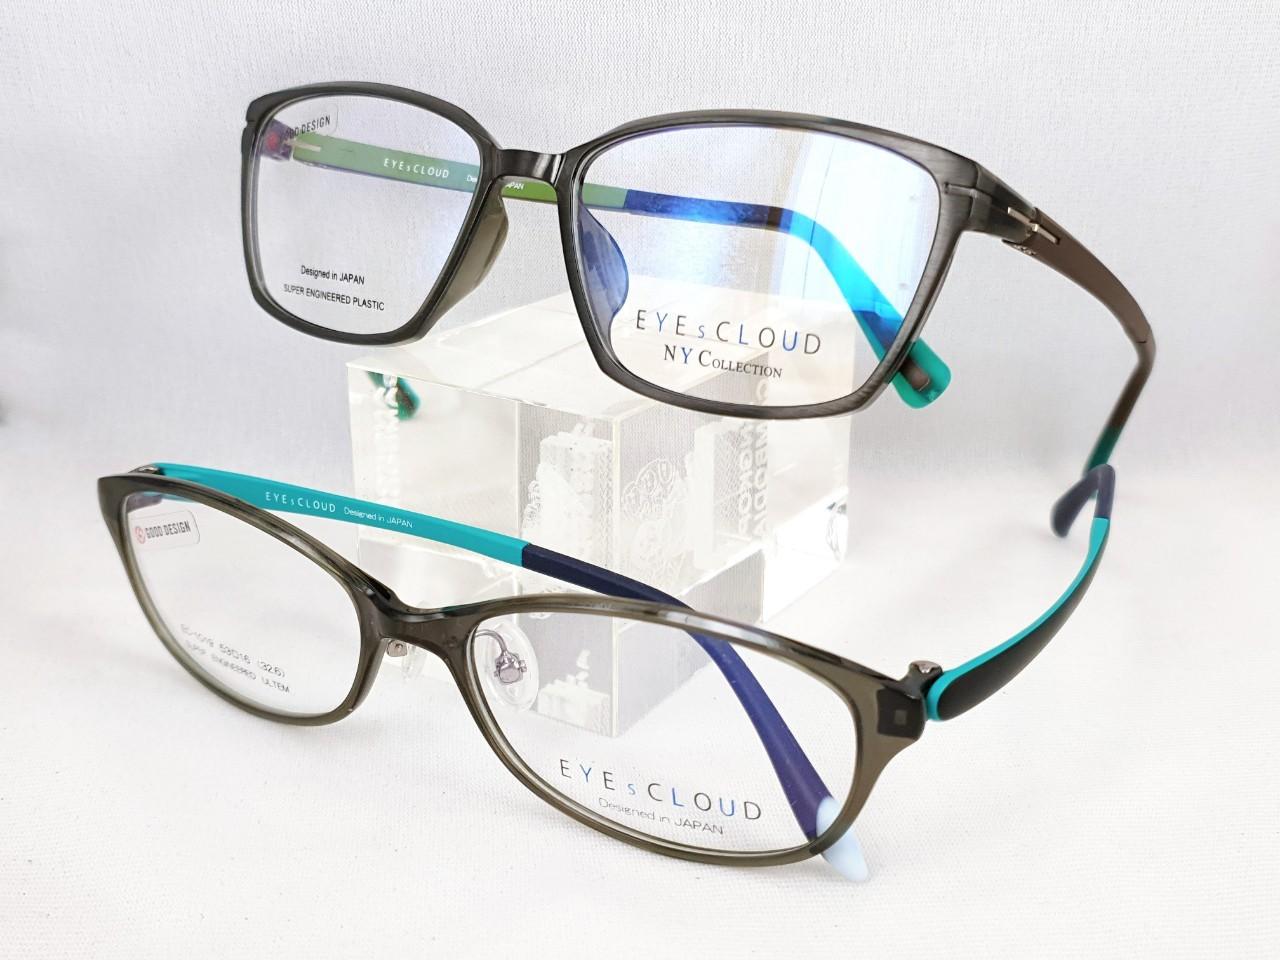 民視眼鏡品牌Eyes cloud_200102_0003